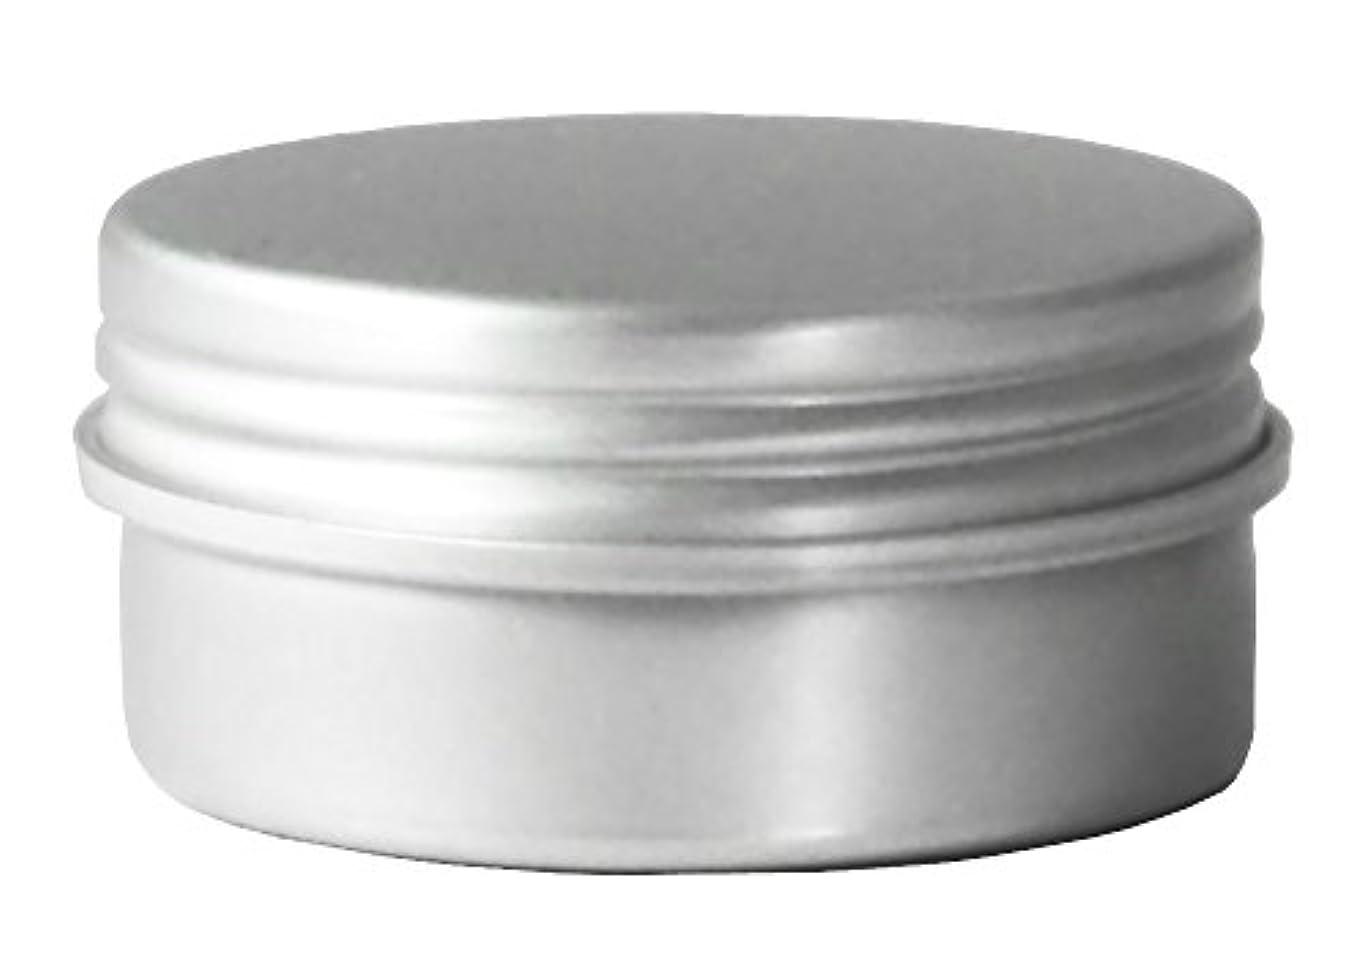 カウンターパート不快なスリーブアルミキャップ缶 ハイシートパッキン付 12ml 化粧品容器